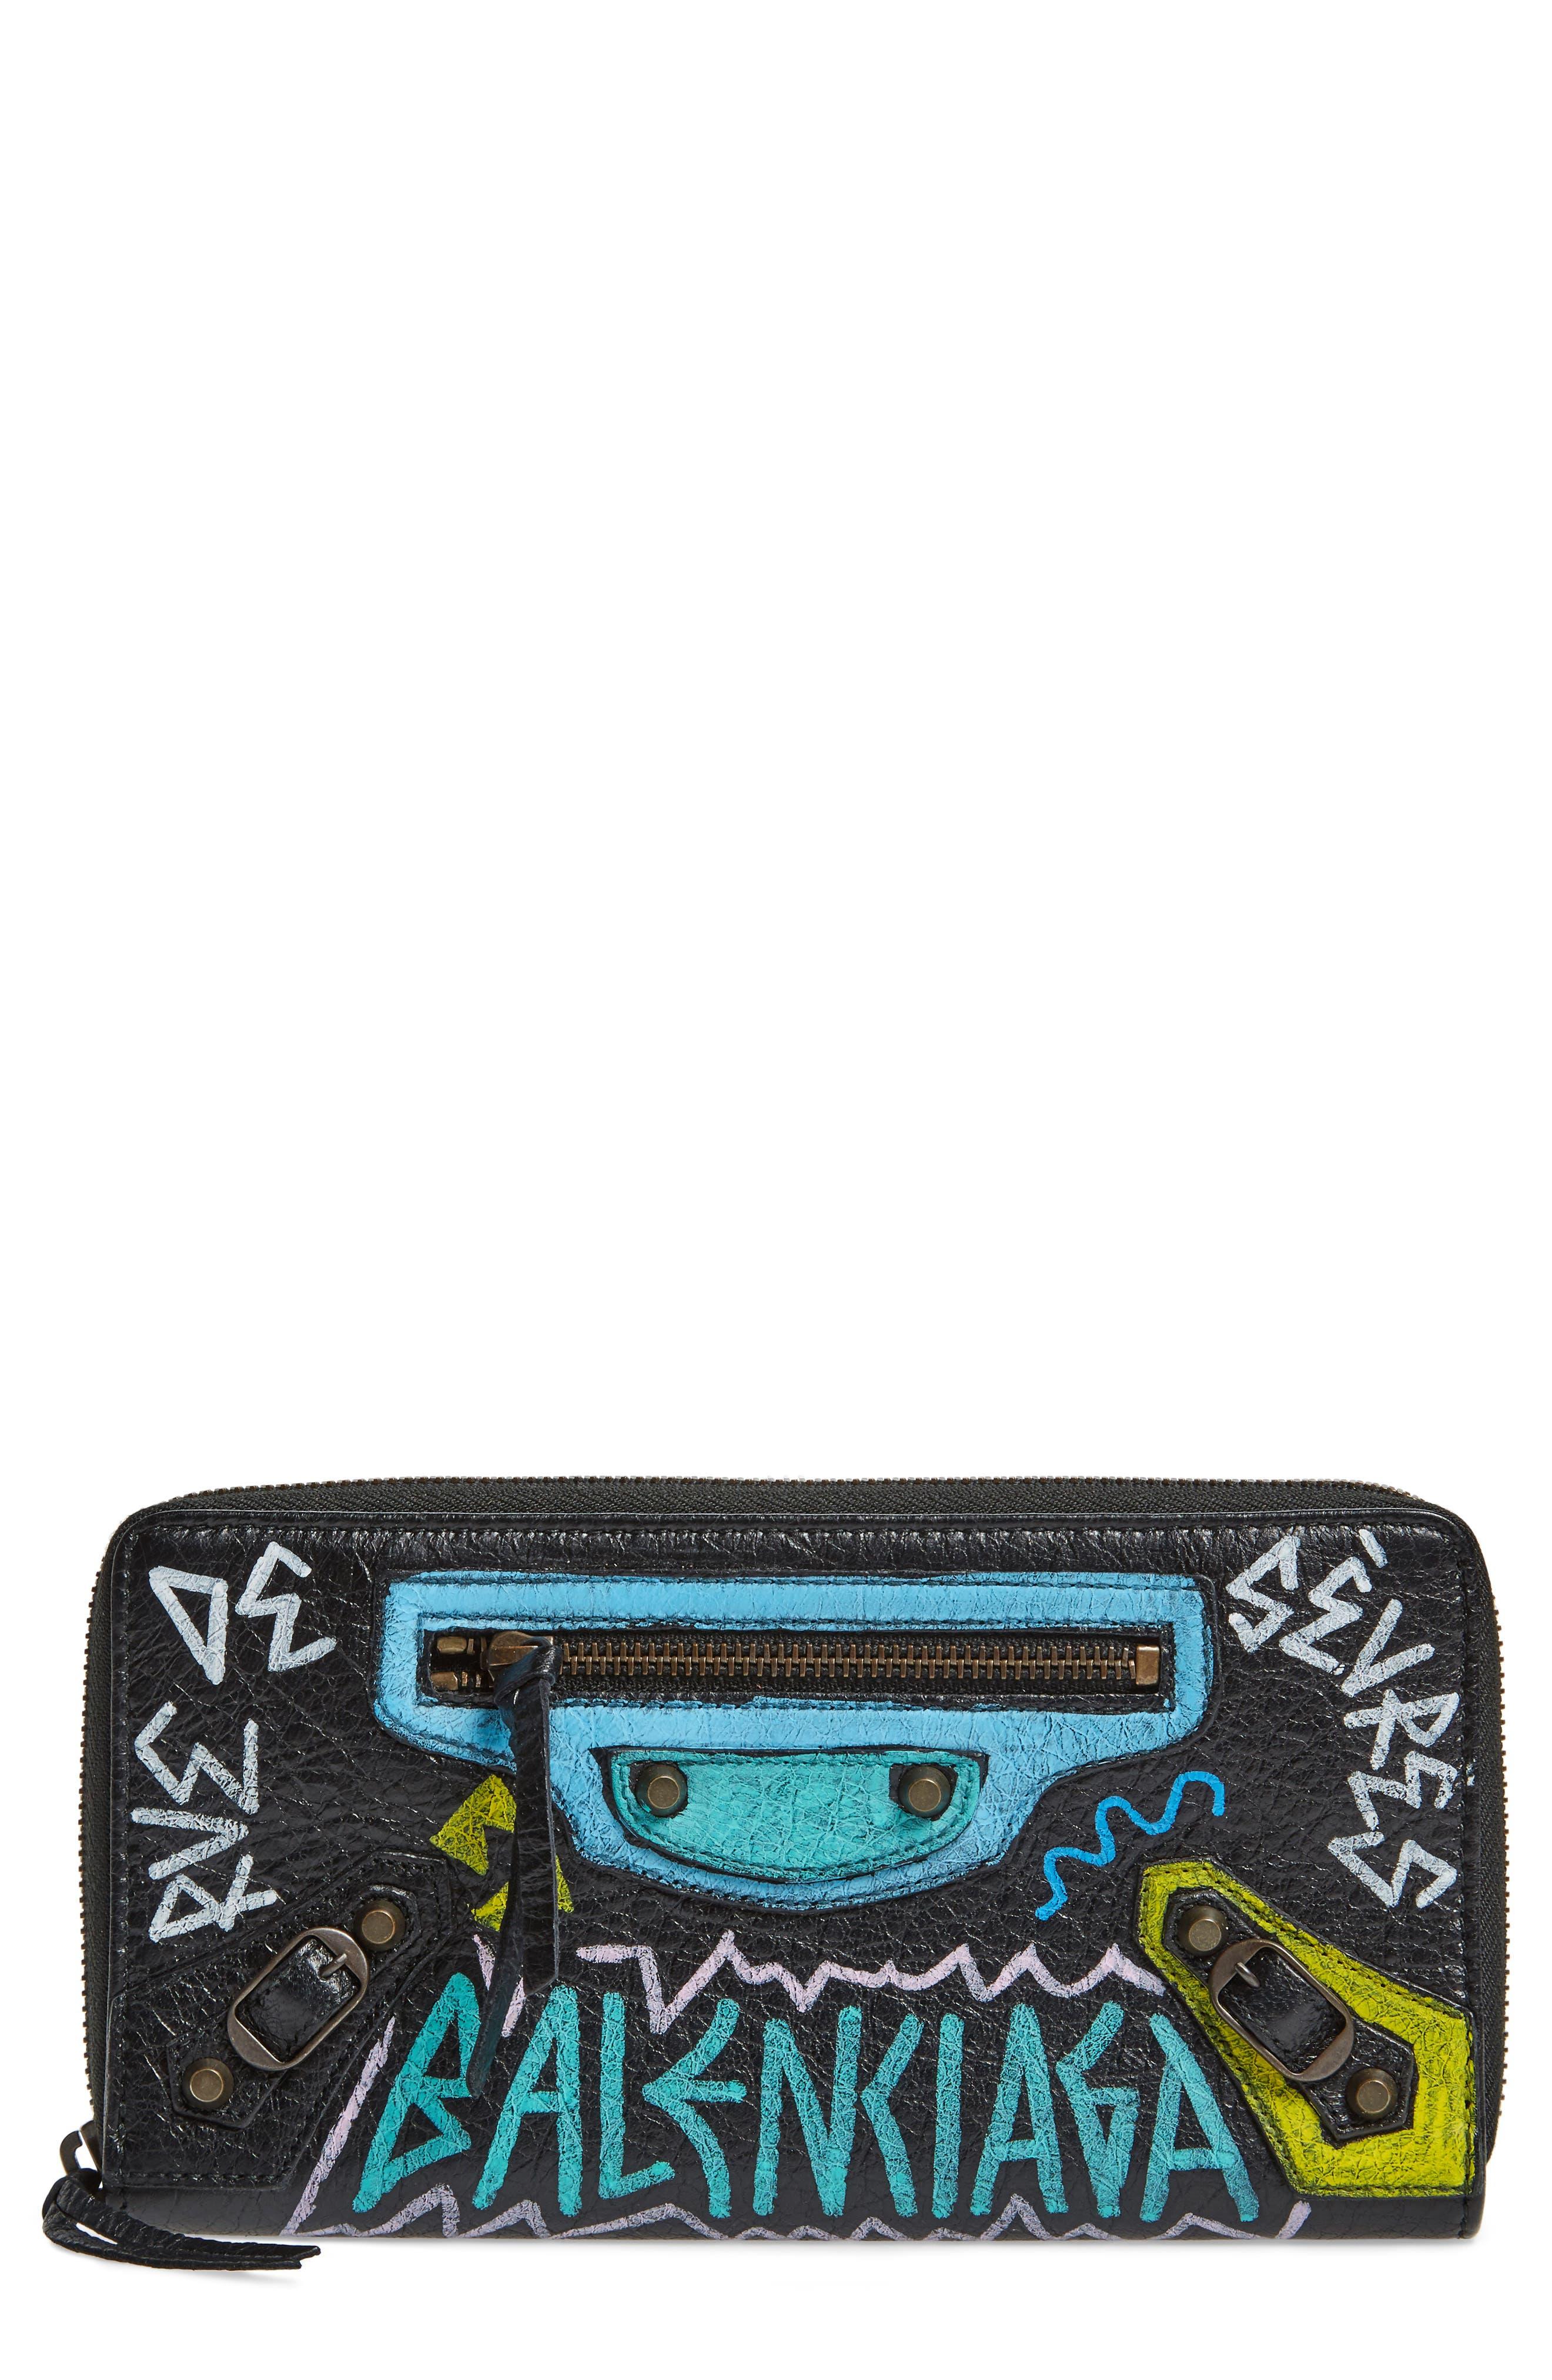 Classic Continental Leather Wallet,                             Main thumbnail 1, color,                             Noir/ Multi Color